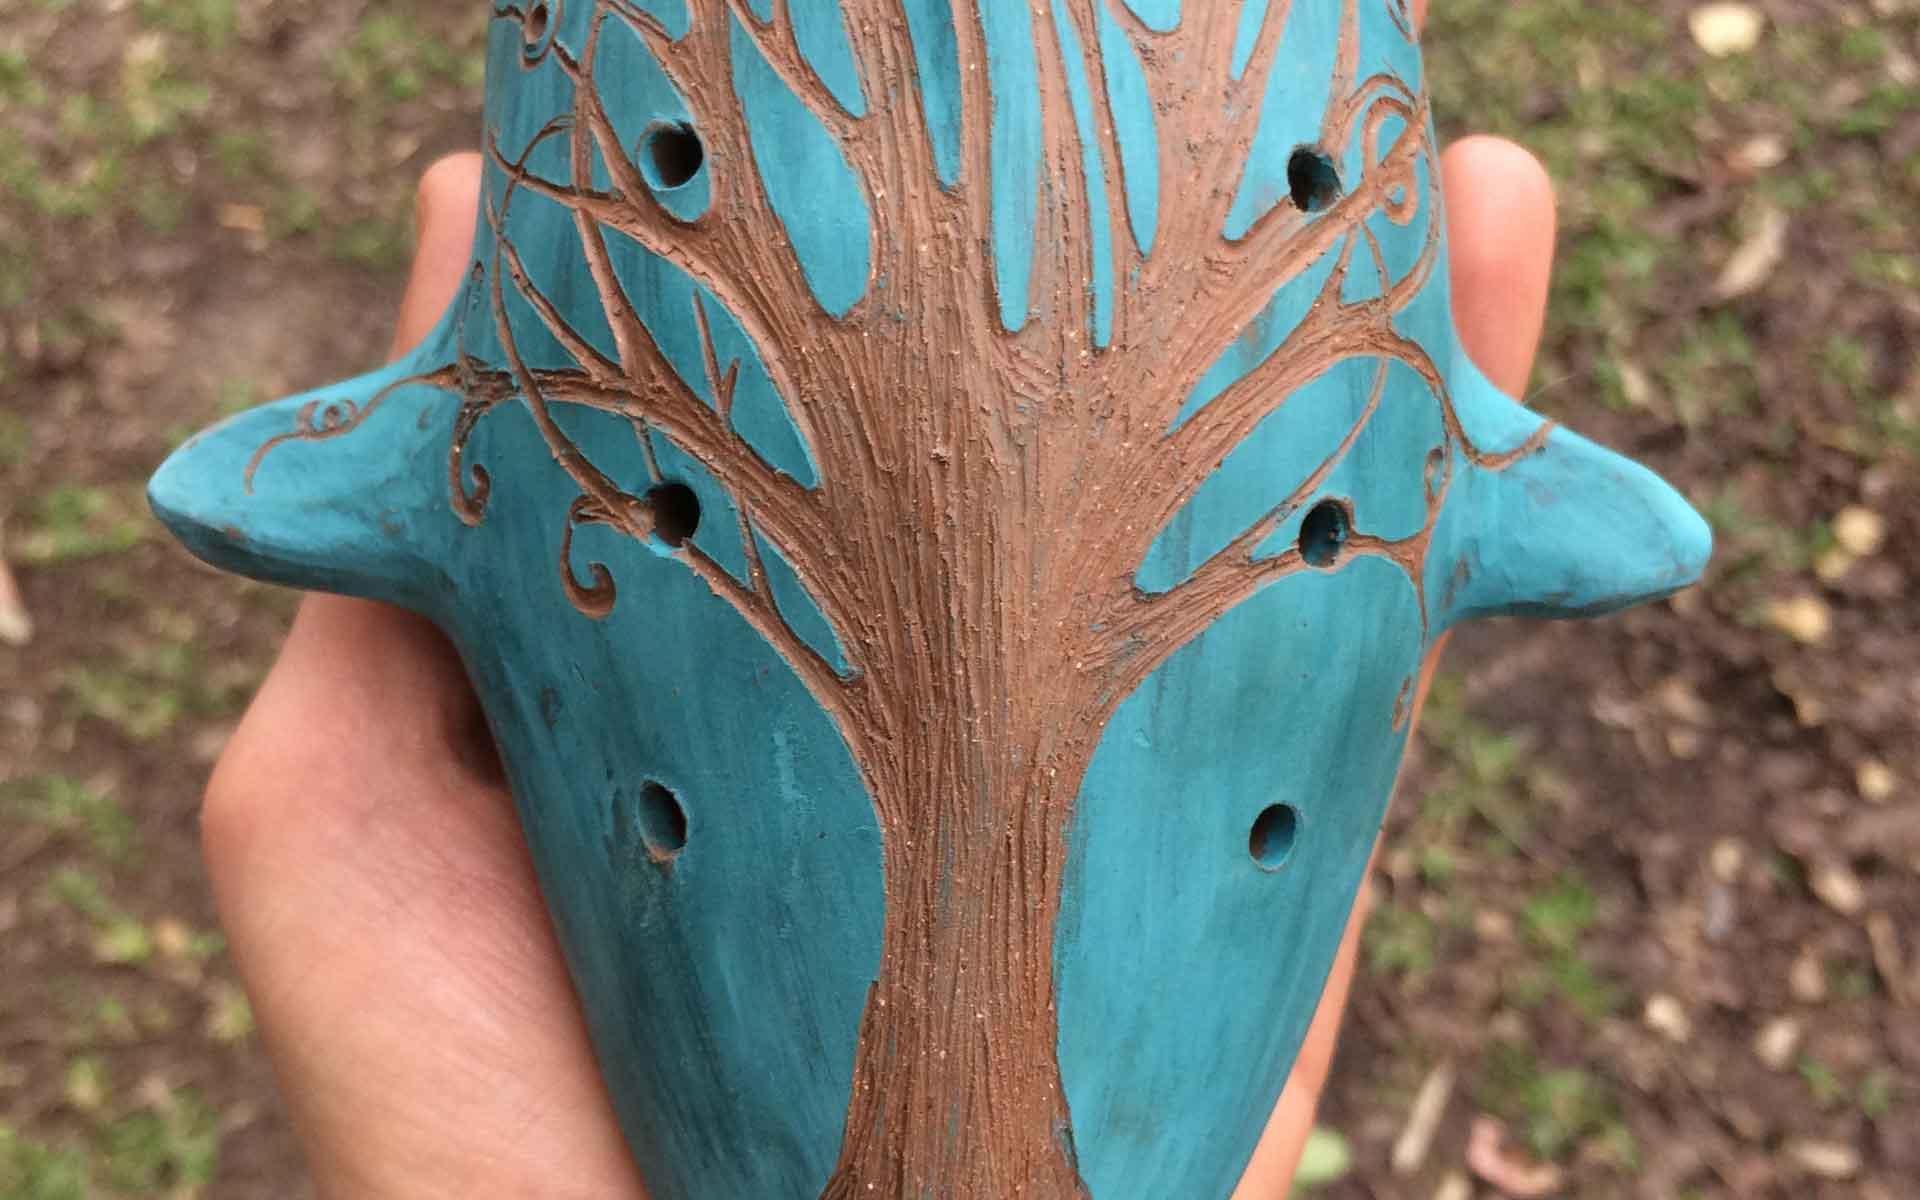 ceramic musical instruments 02